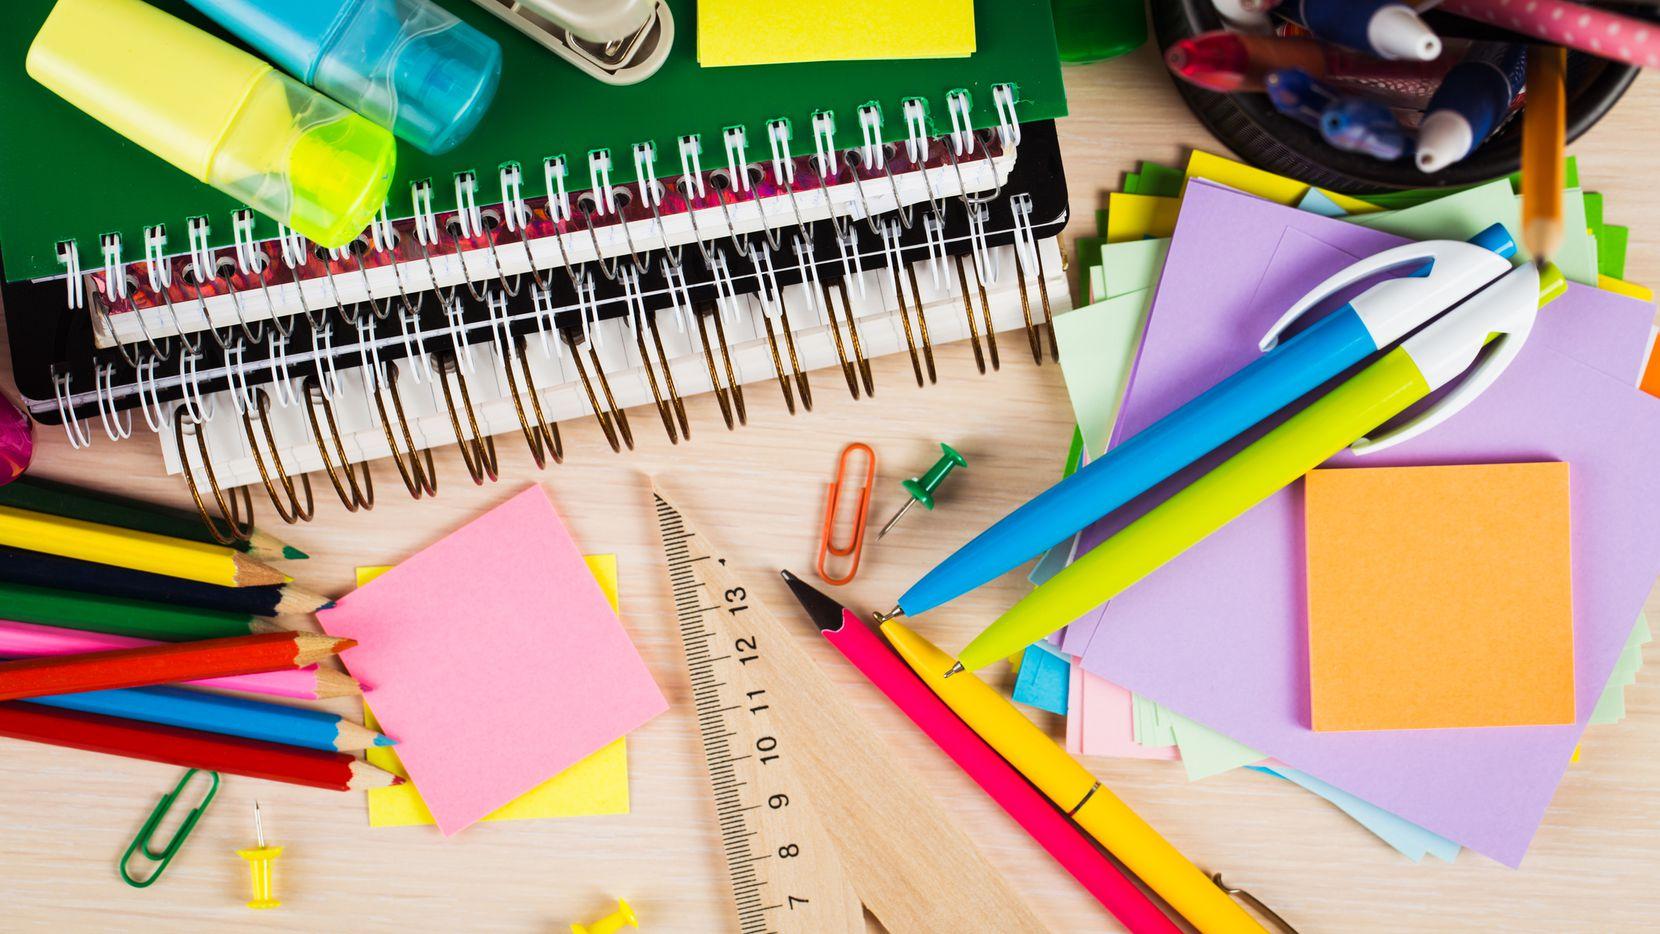 Útiles escolares serán entregados este fin de semana para estudiantes del distrito de Mesquite.